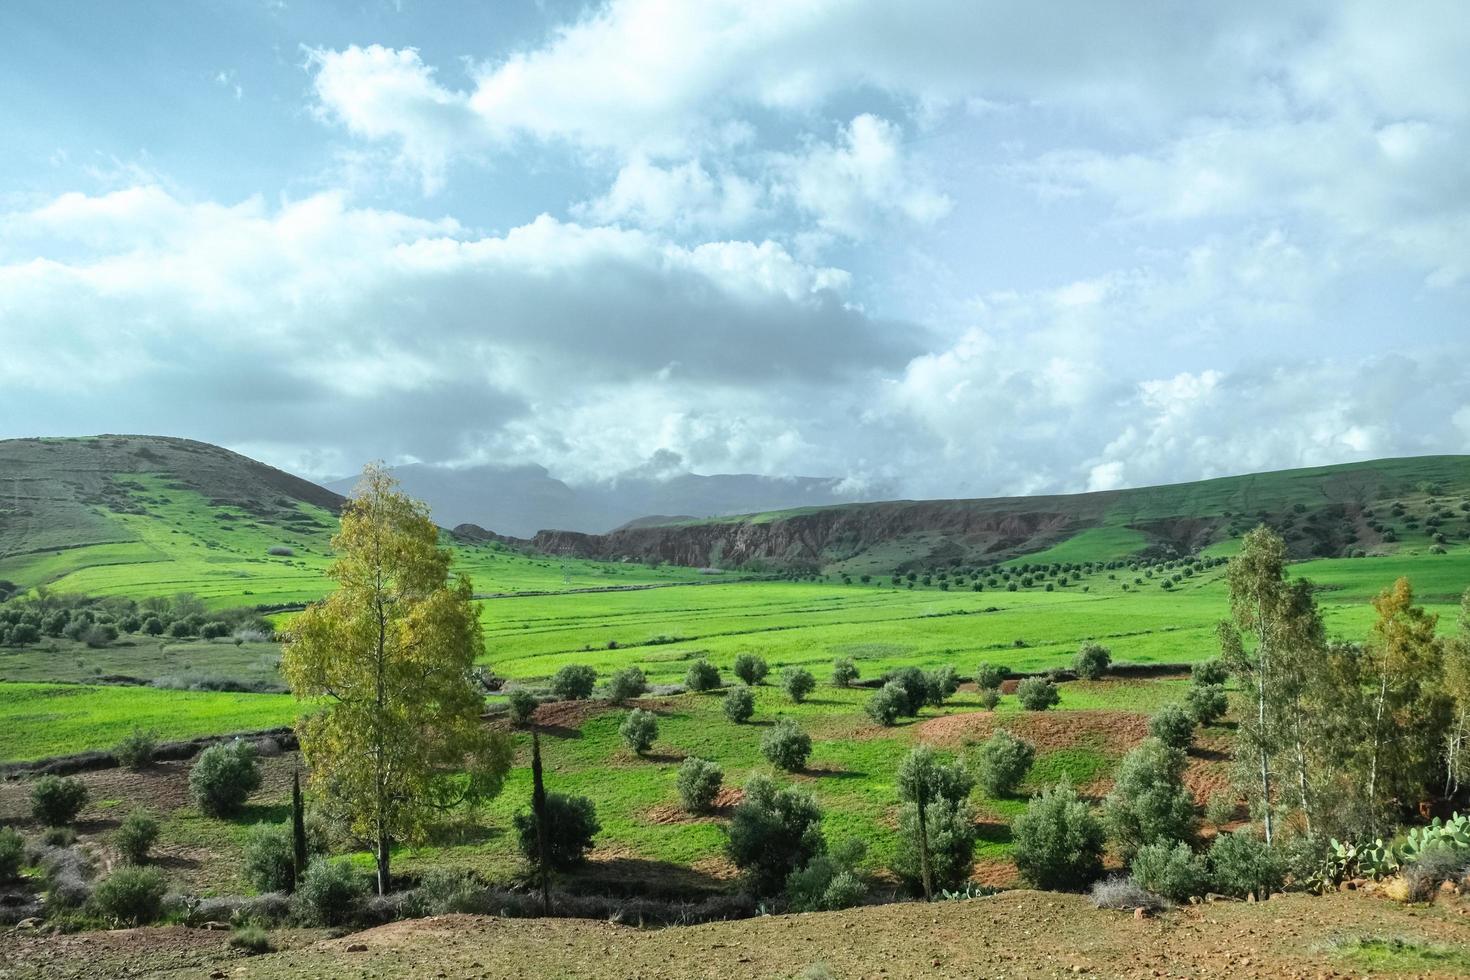 Vue paysage du champ de culture de campagne au Maroc photo